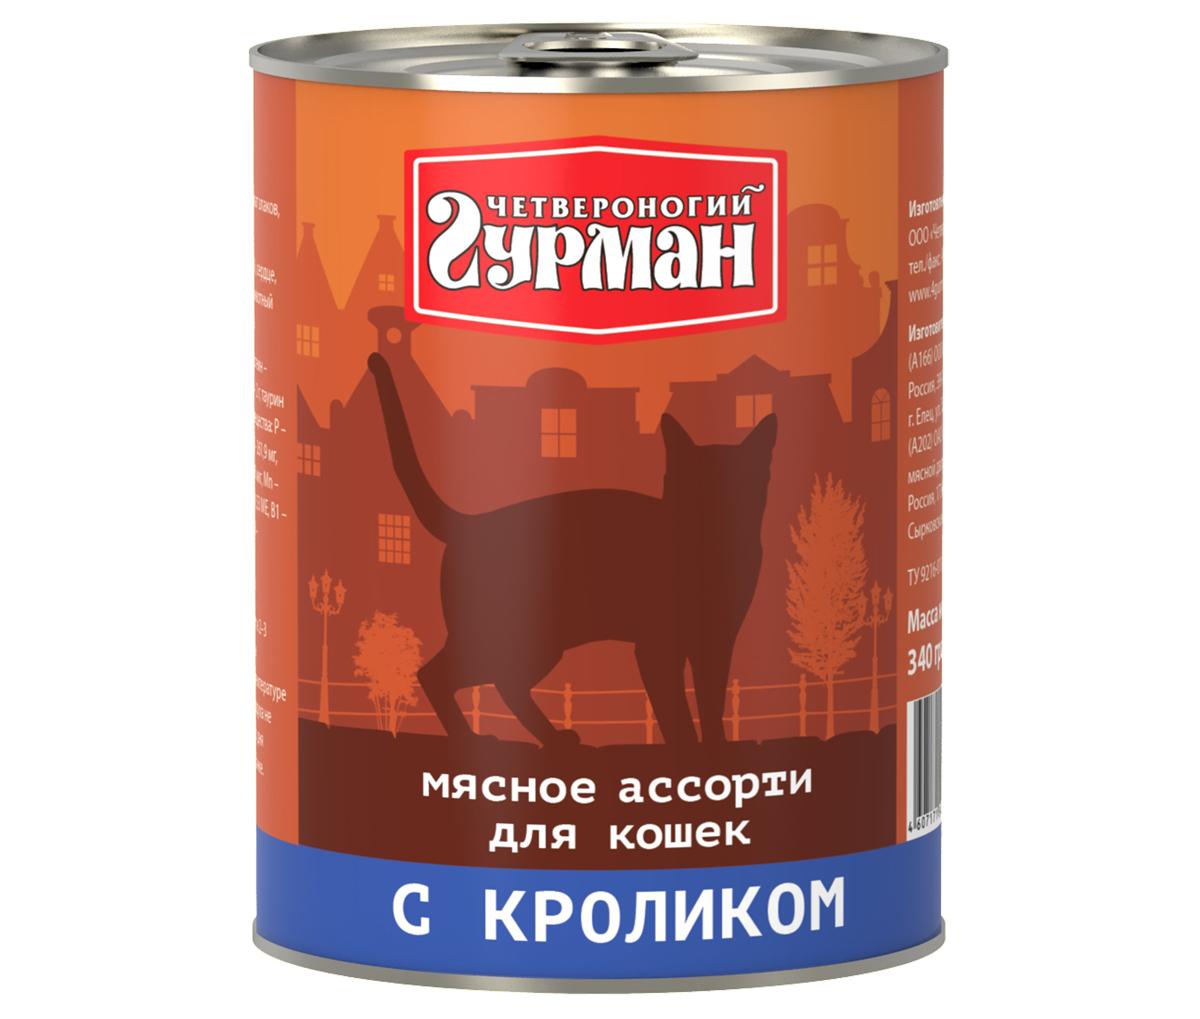 Консервы для кошек Четвероногий гурман Мясное ассорти, с кроликом, 340 г консервы для кошек четвероногий гурман мясное ассорти с индейкой 100 г